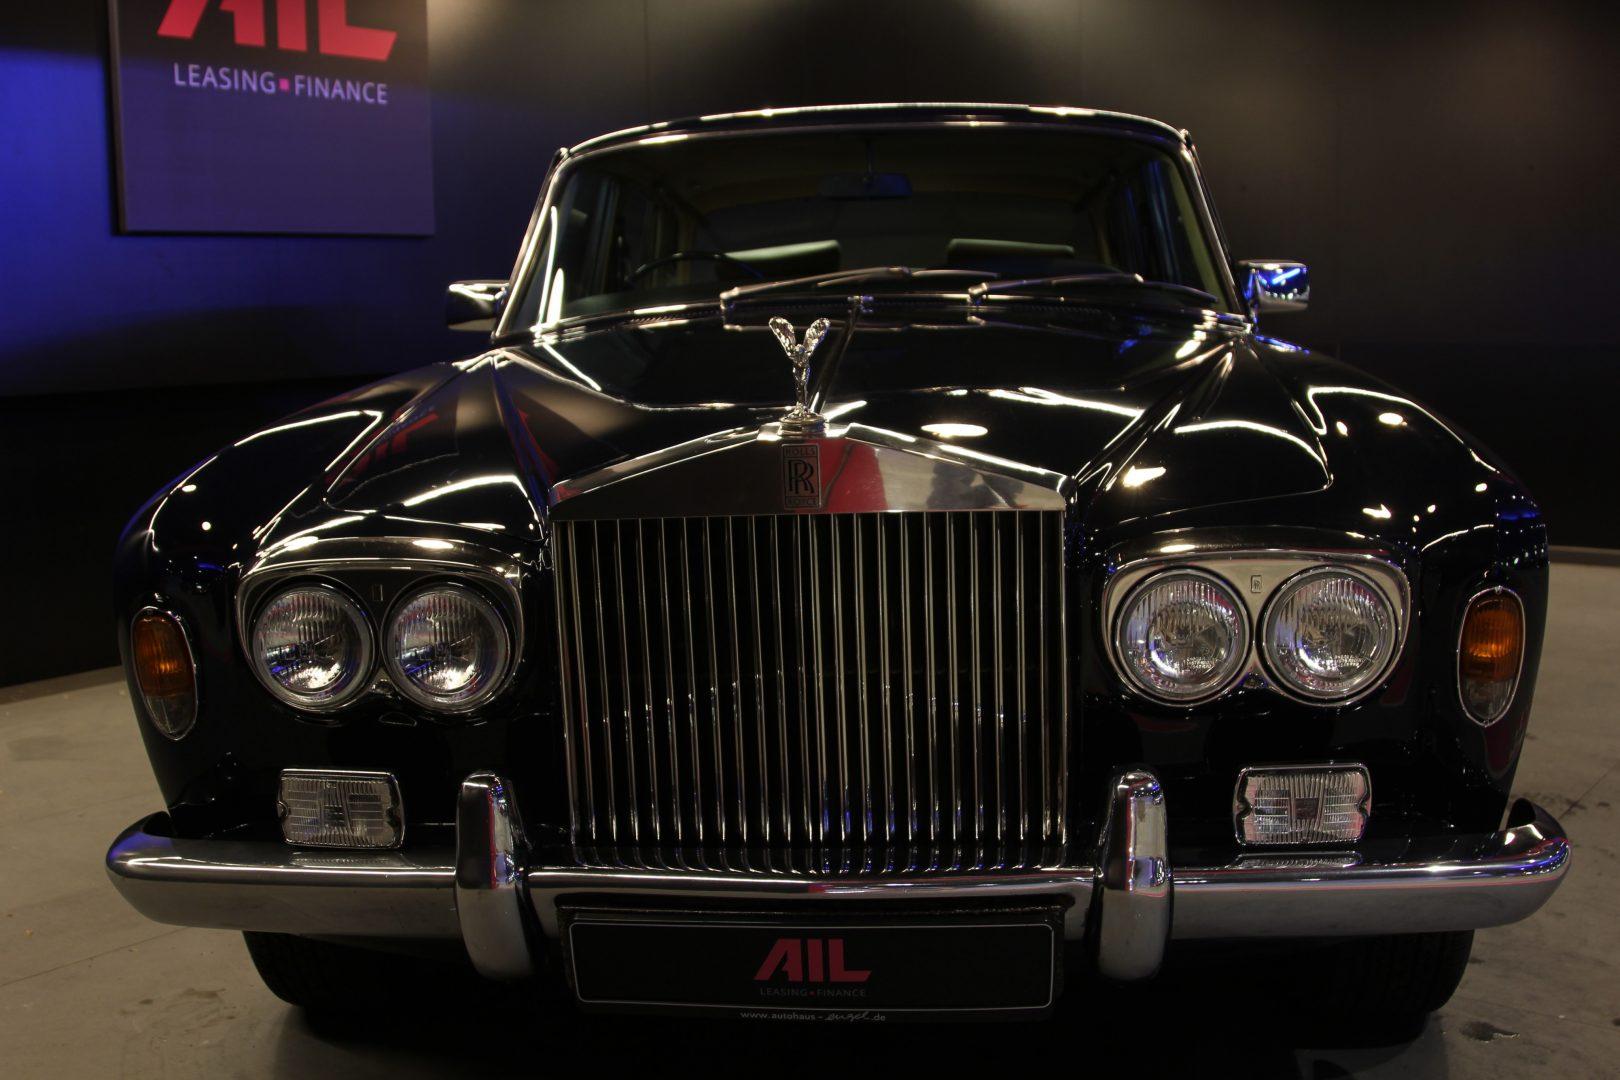 AIL Rolls Royce Silver Shadow 1